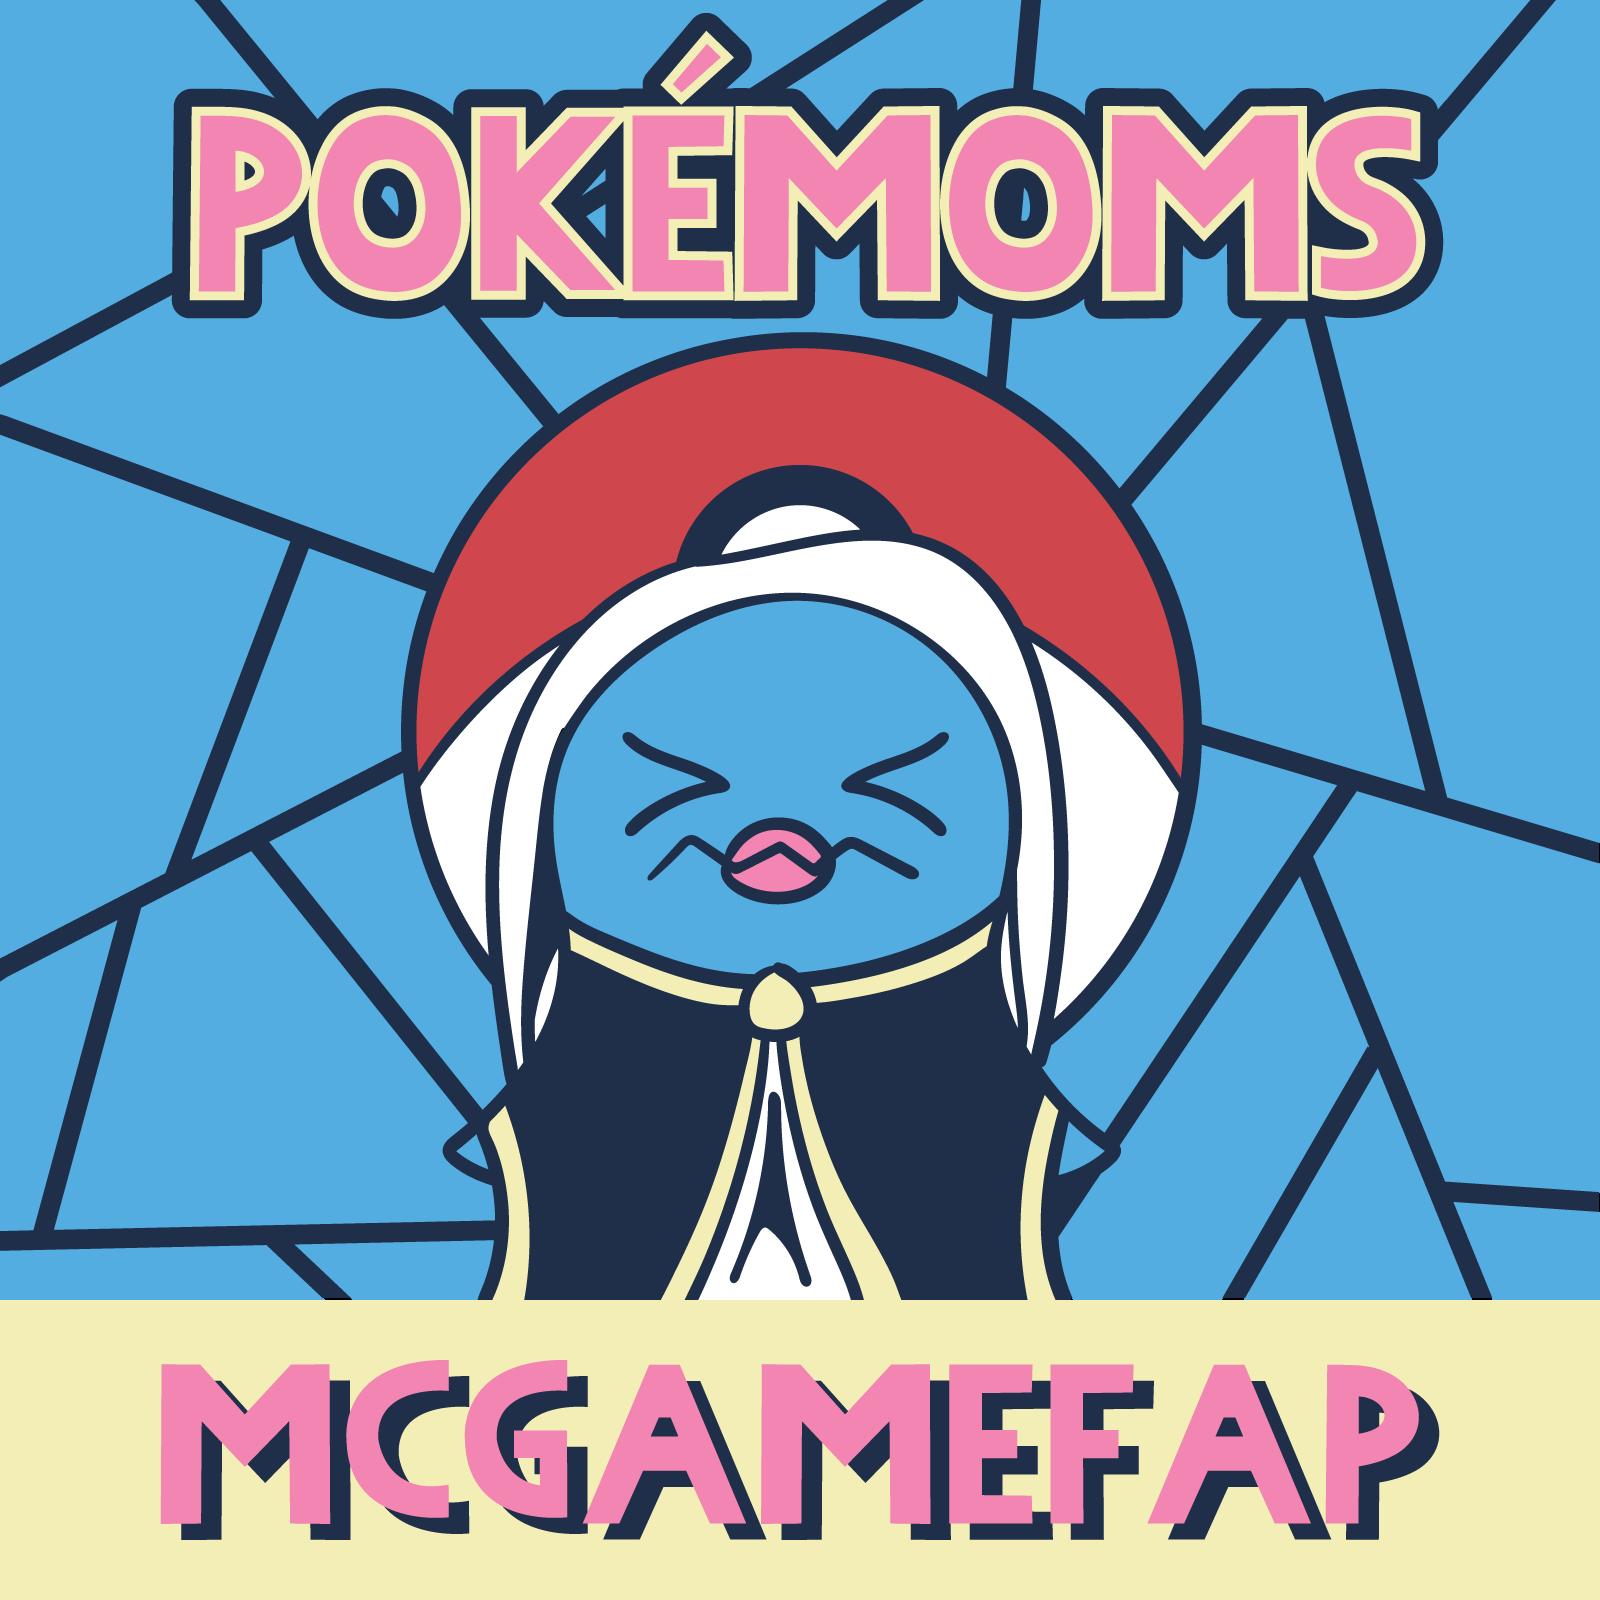 PokeMoms